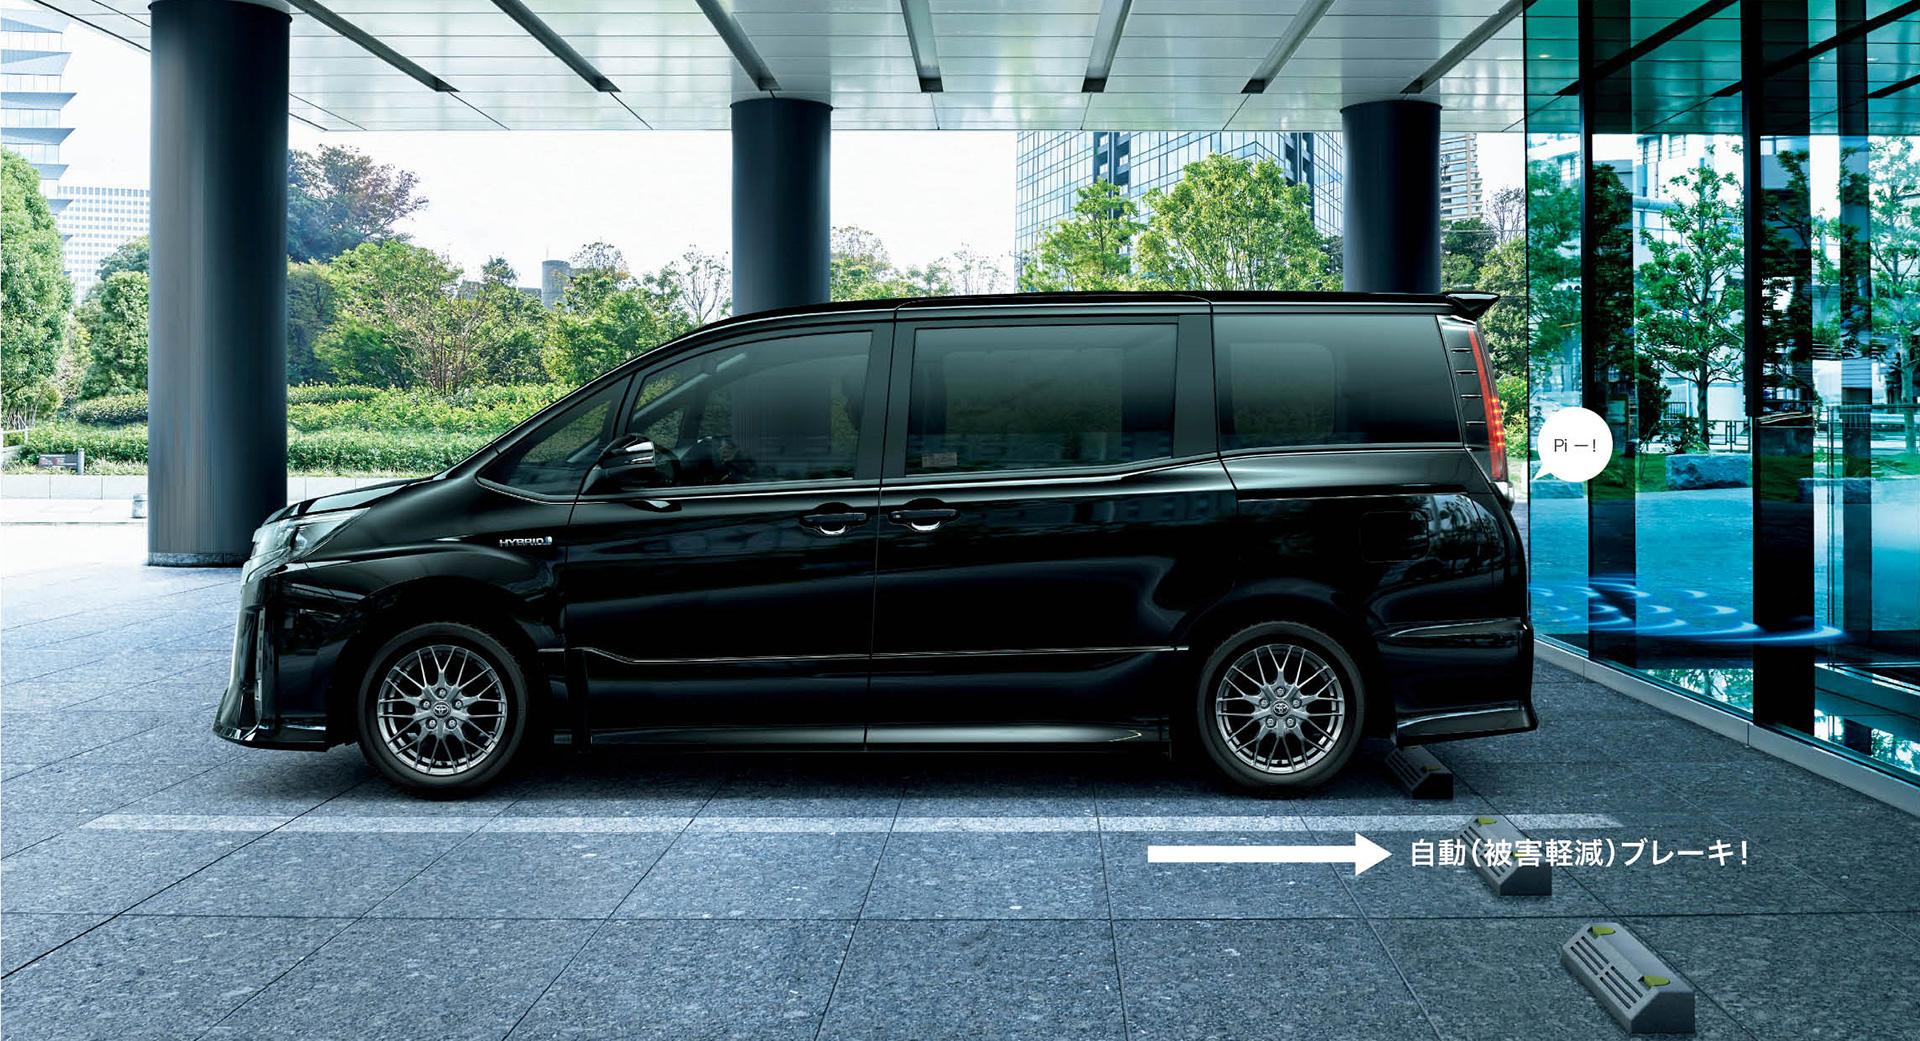 「【新車】トヨタのMクラスミニバン「ヴォクシー」「ノア」「エスクァイア」が先進安全機能を向上」の4枚目の画像